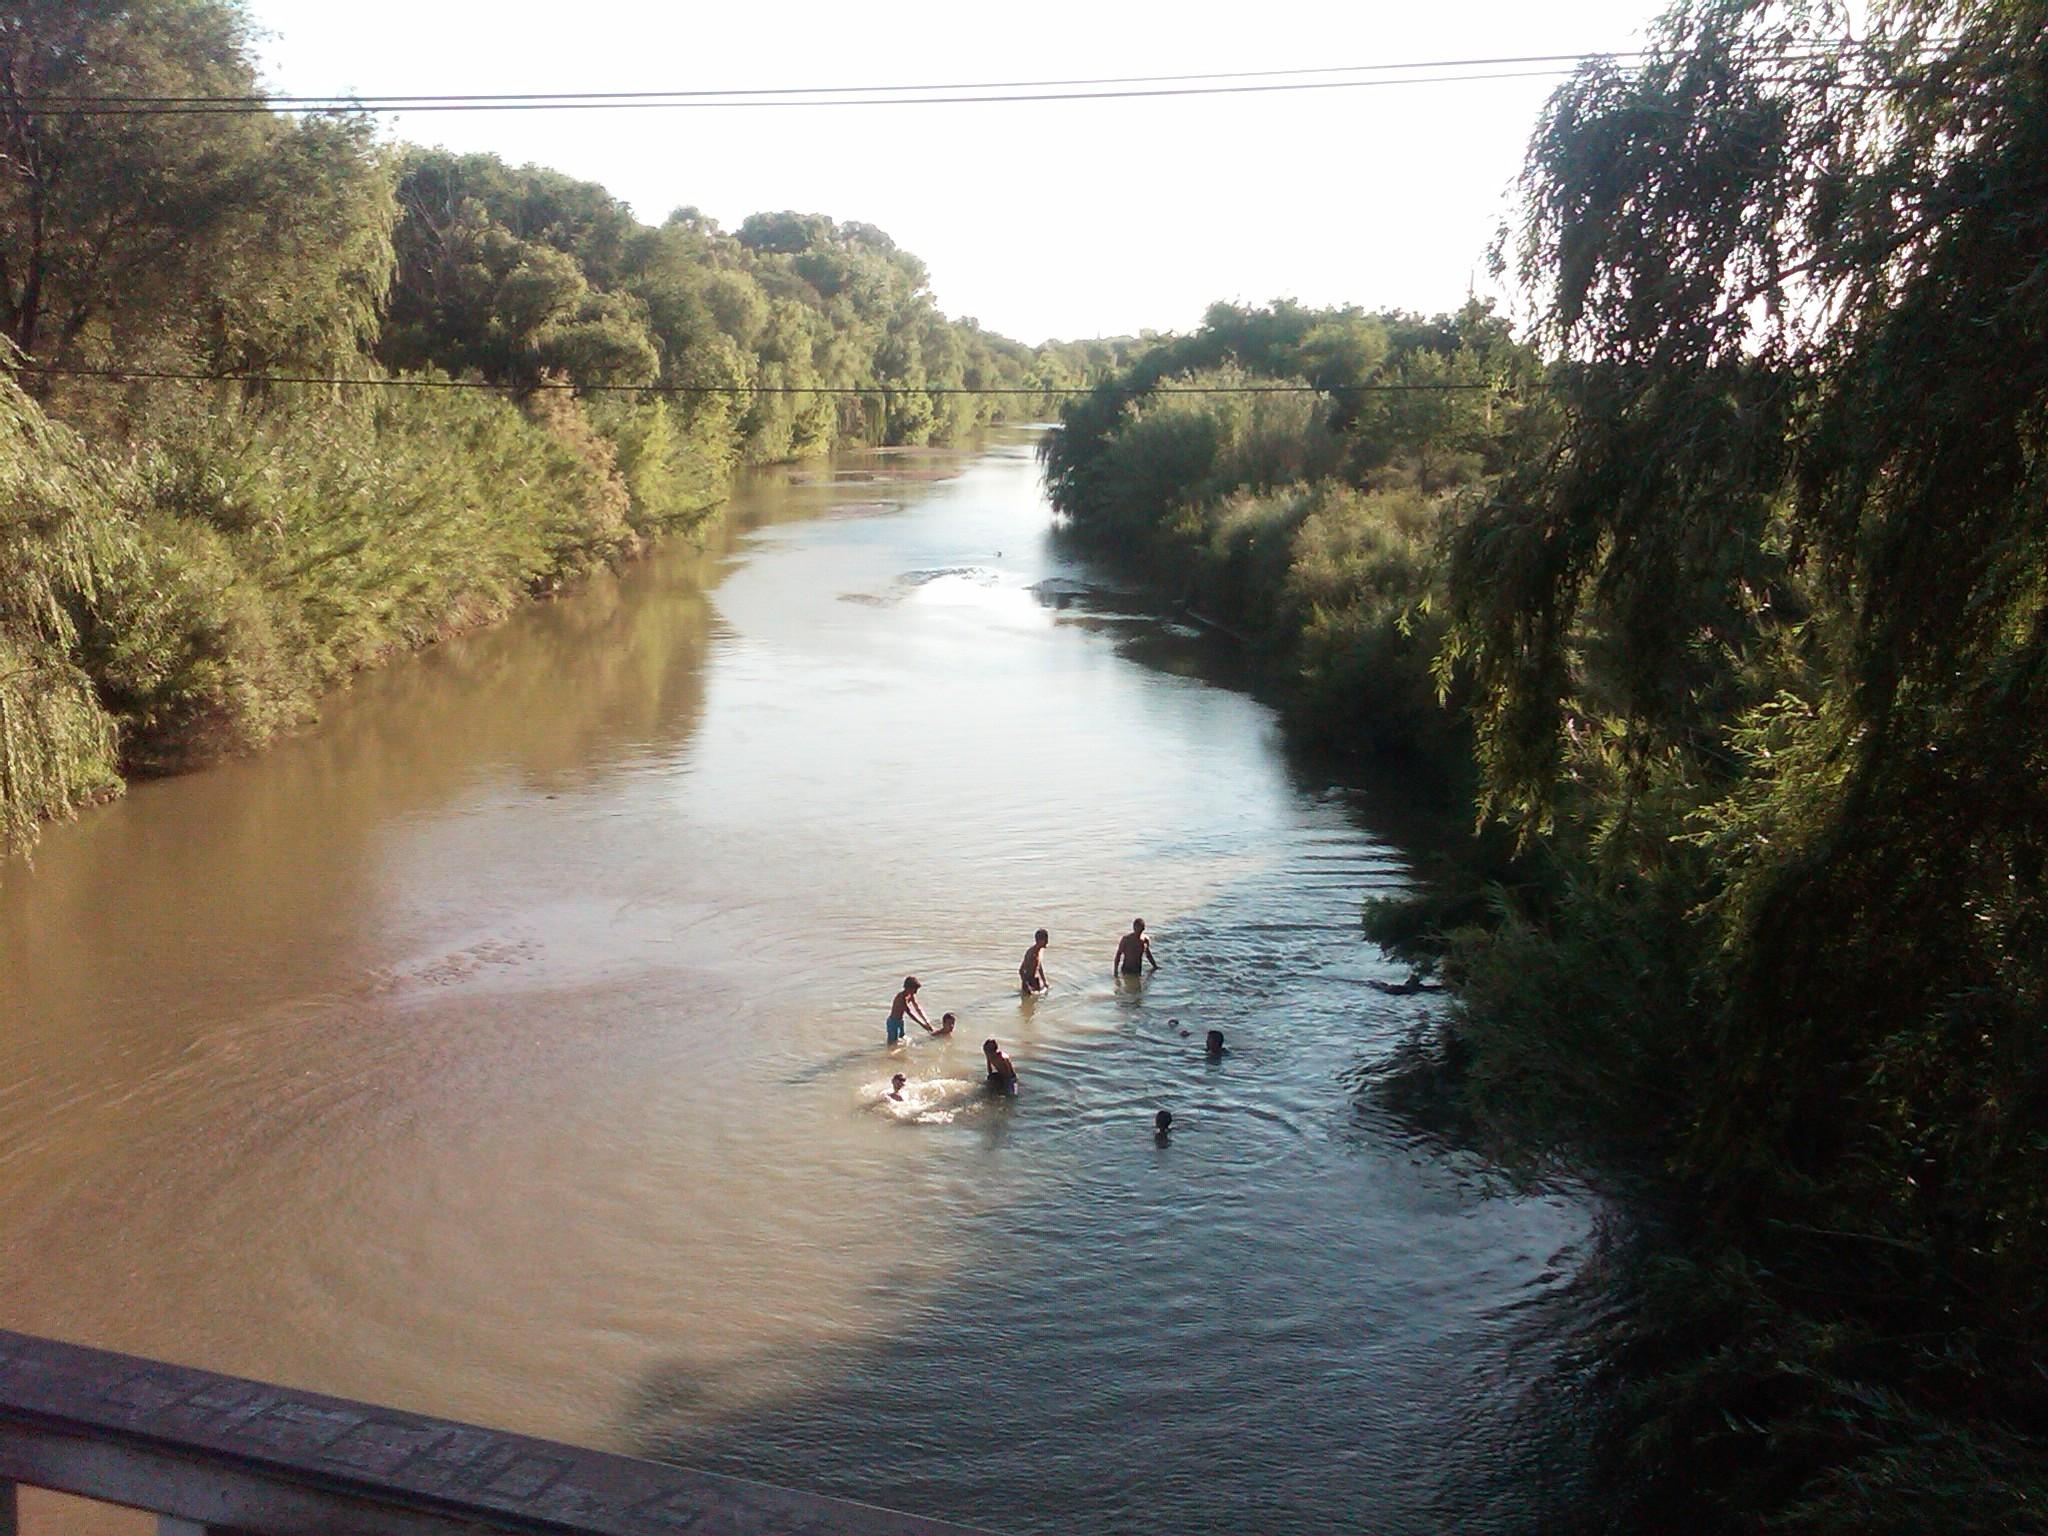 El río, la ciudad y su gente.